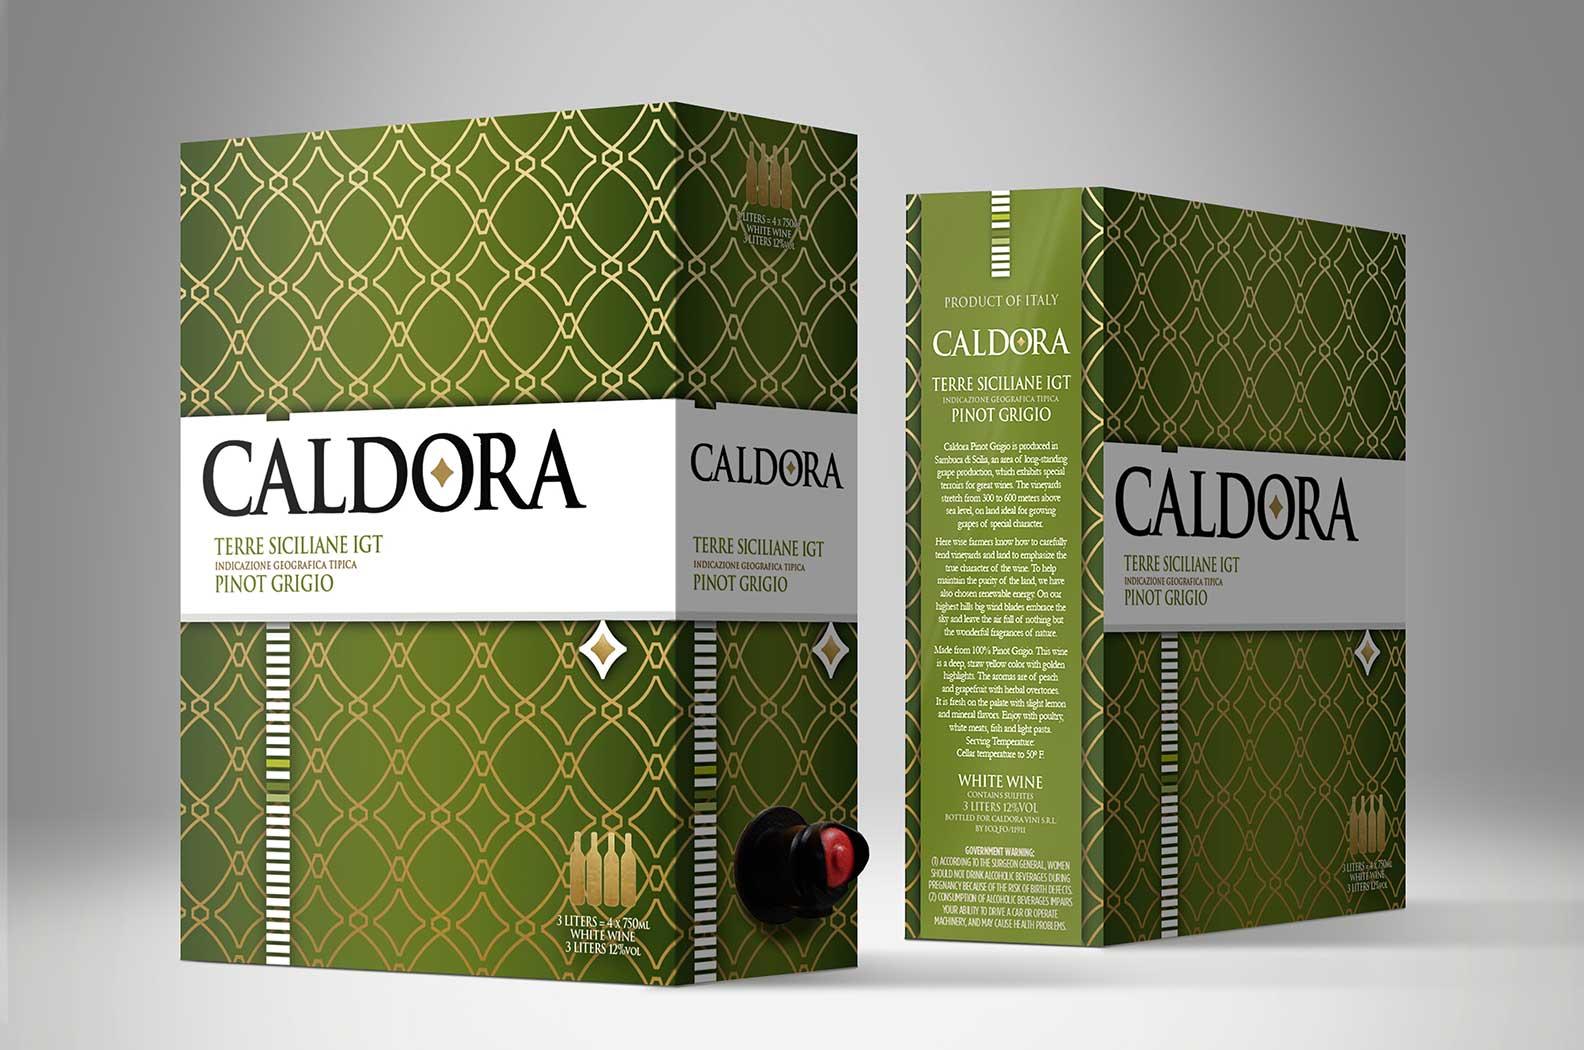 Caldora-PinotGrigio-OPT.jpg